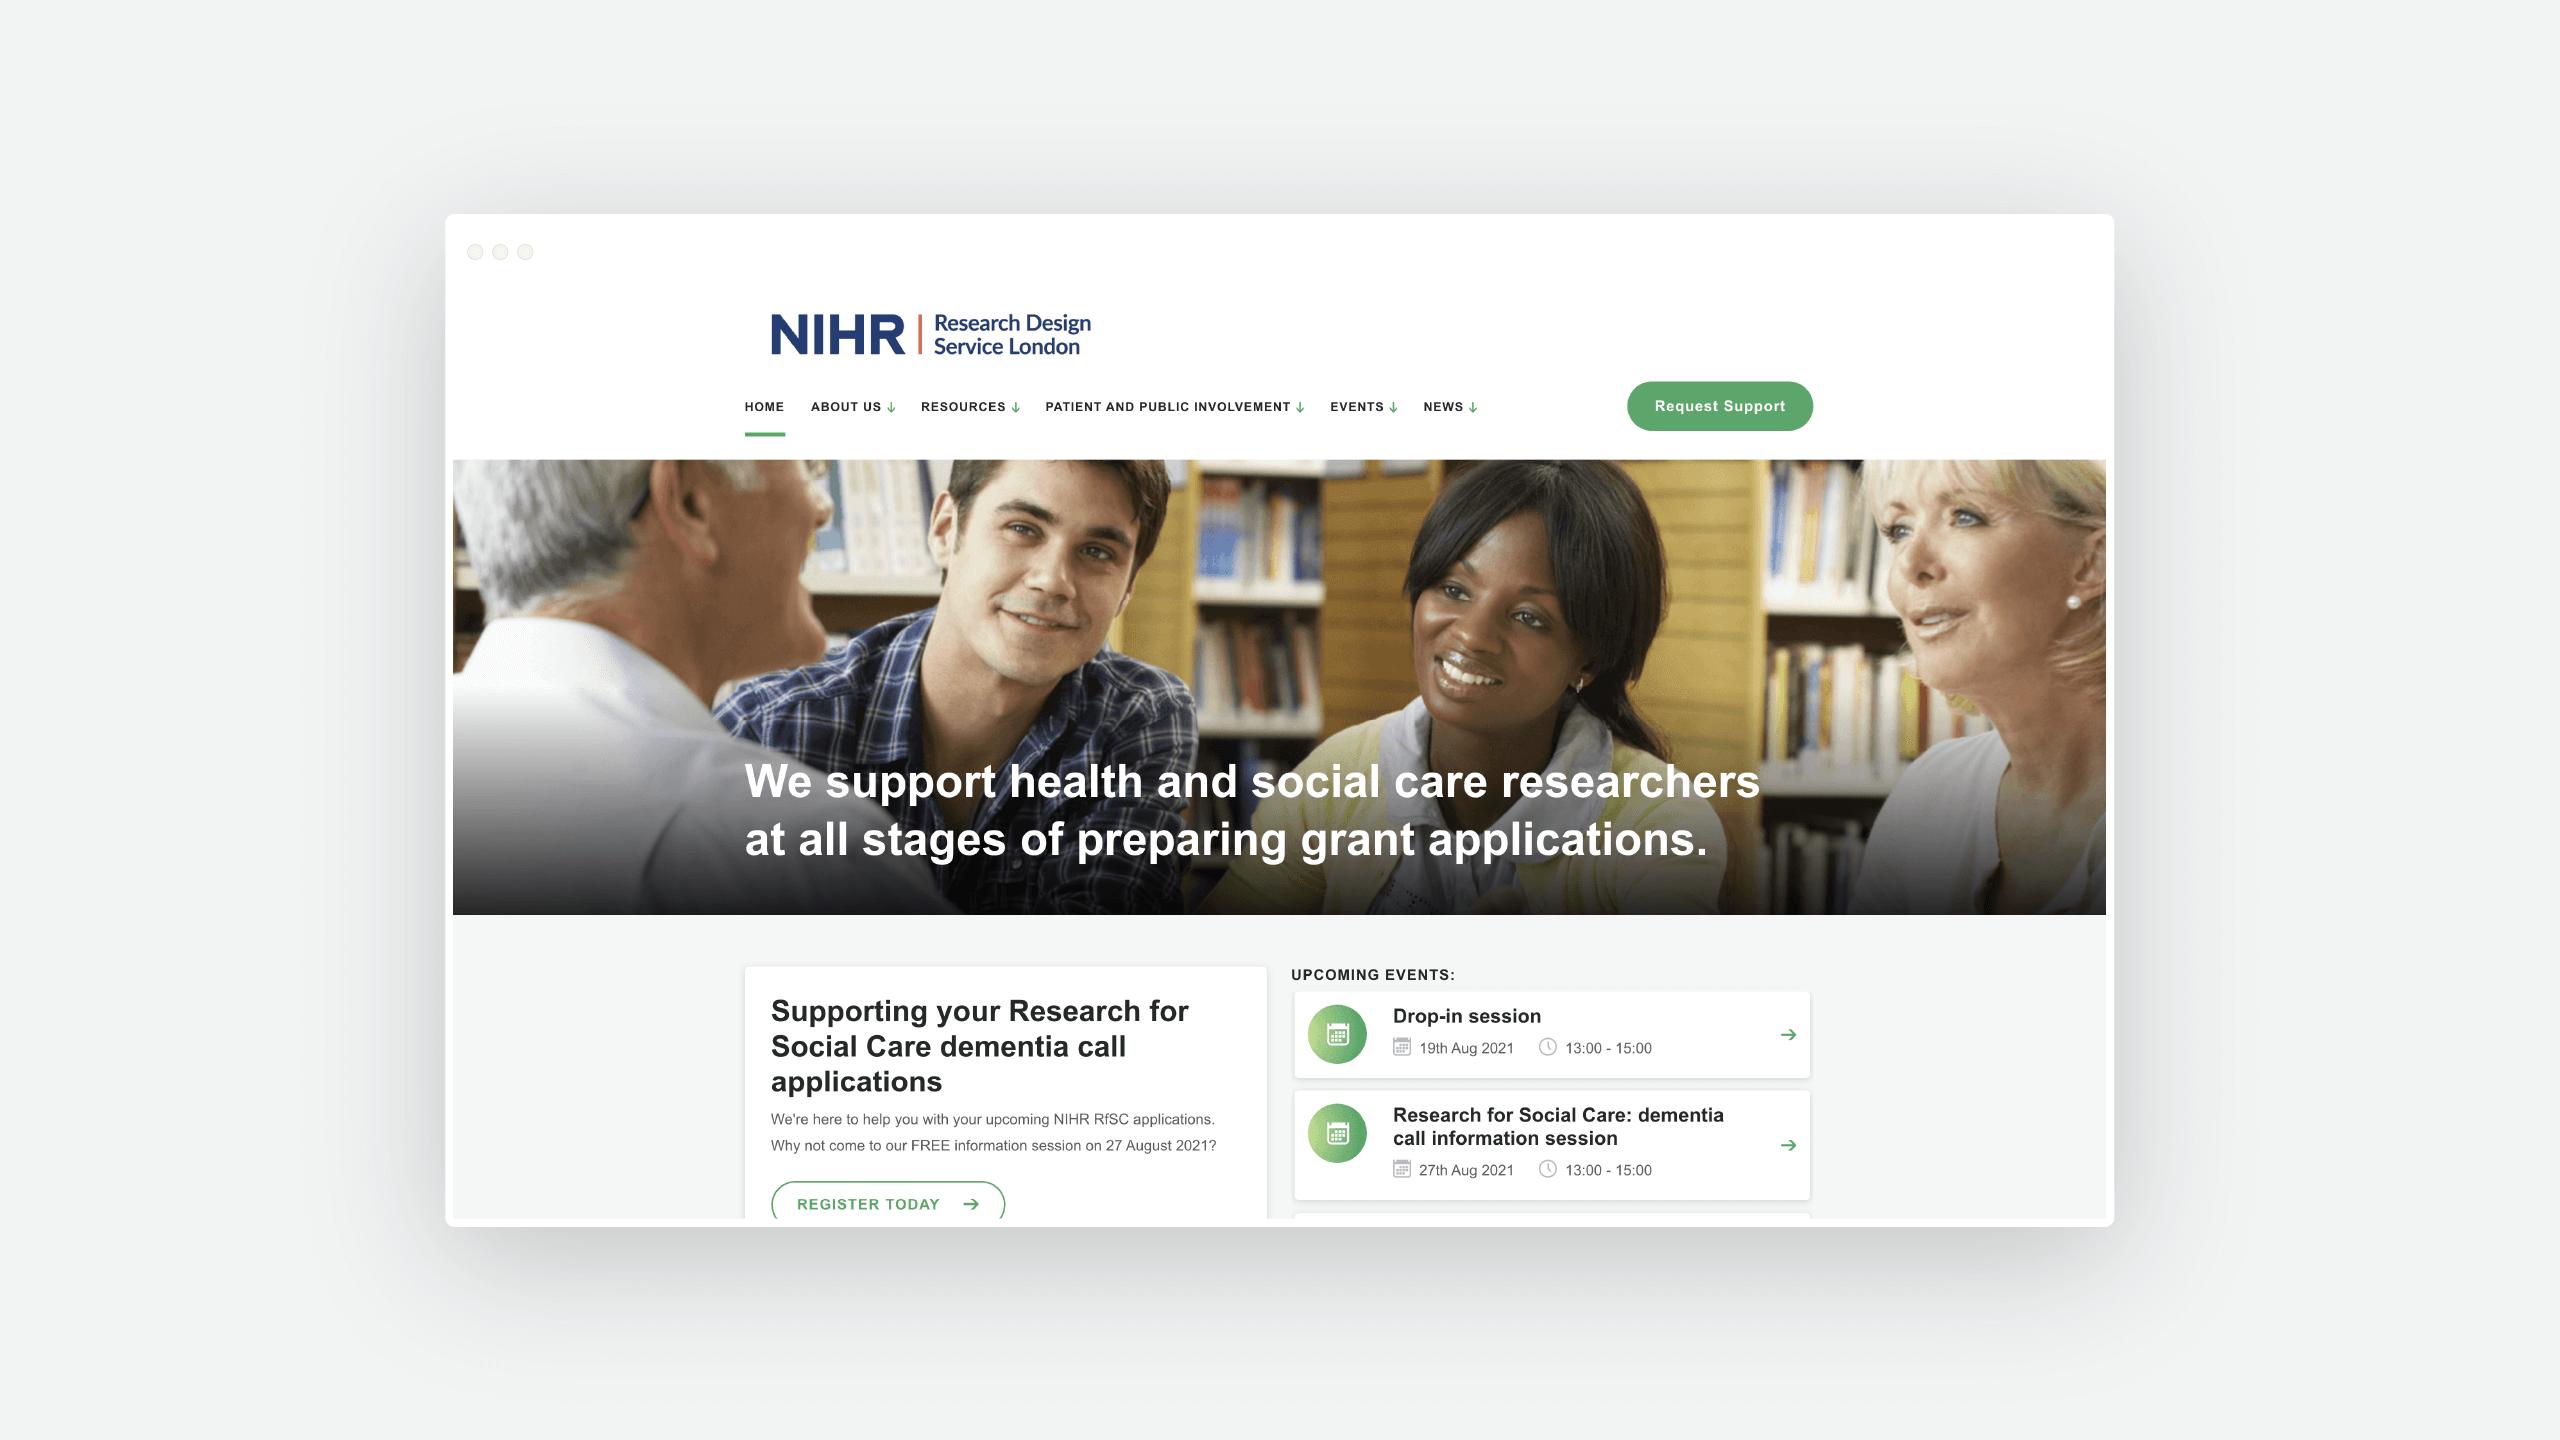 NIHR Web Design